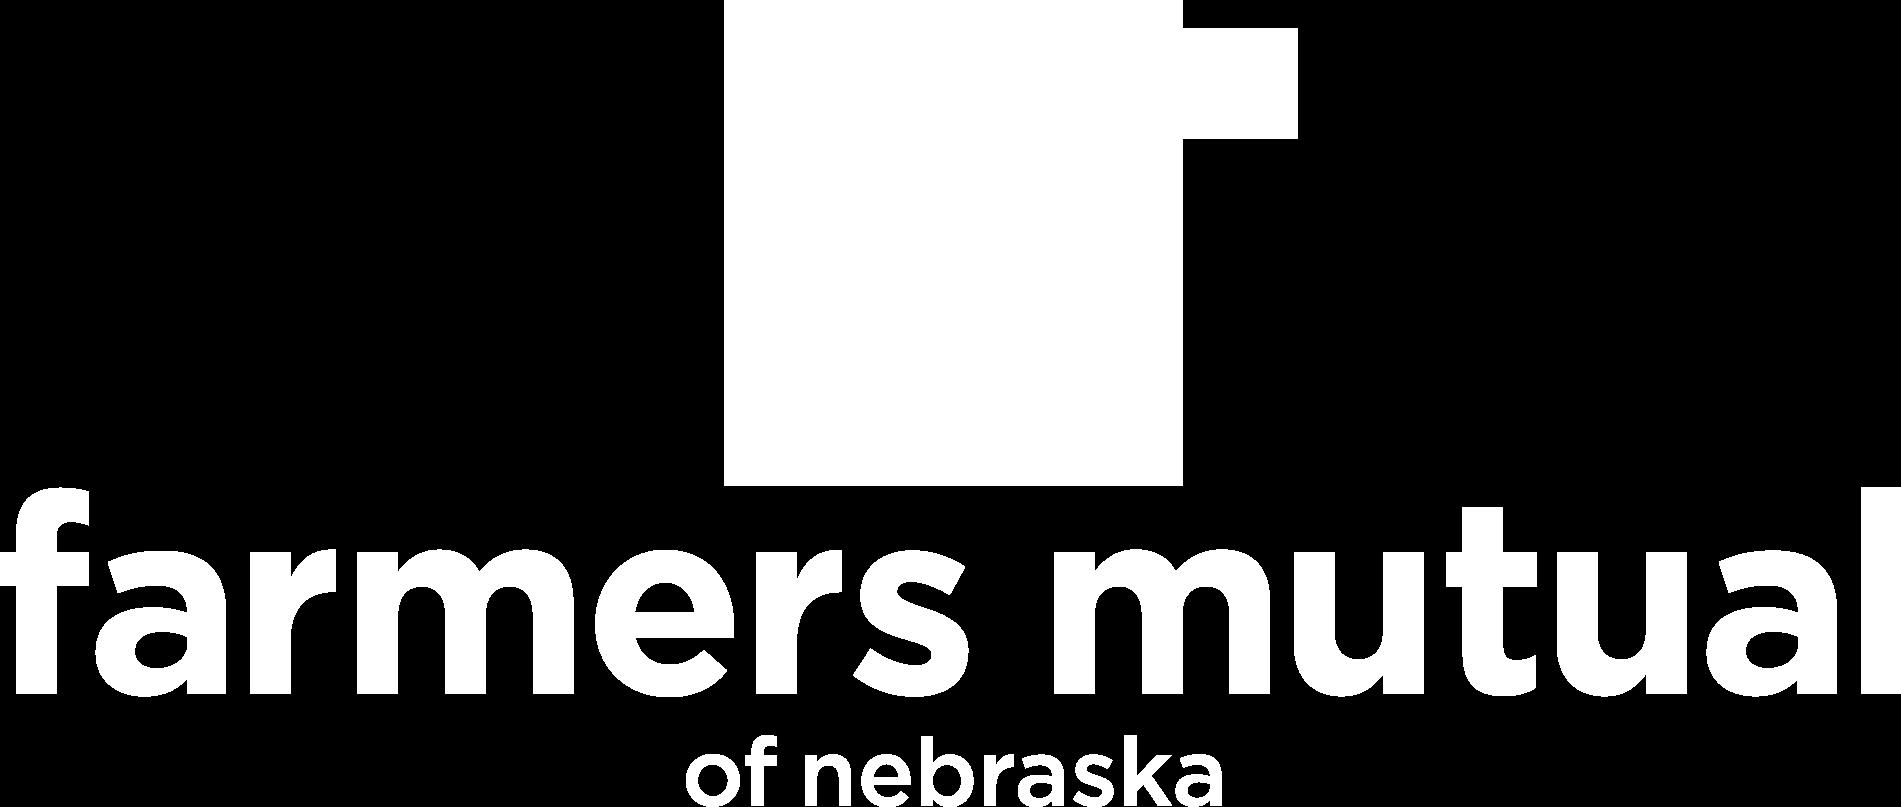 Farmers Mutual shield with Farmers Mutual of Nebraska written under it.